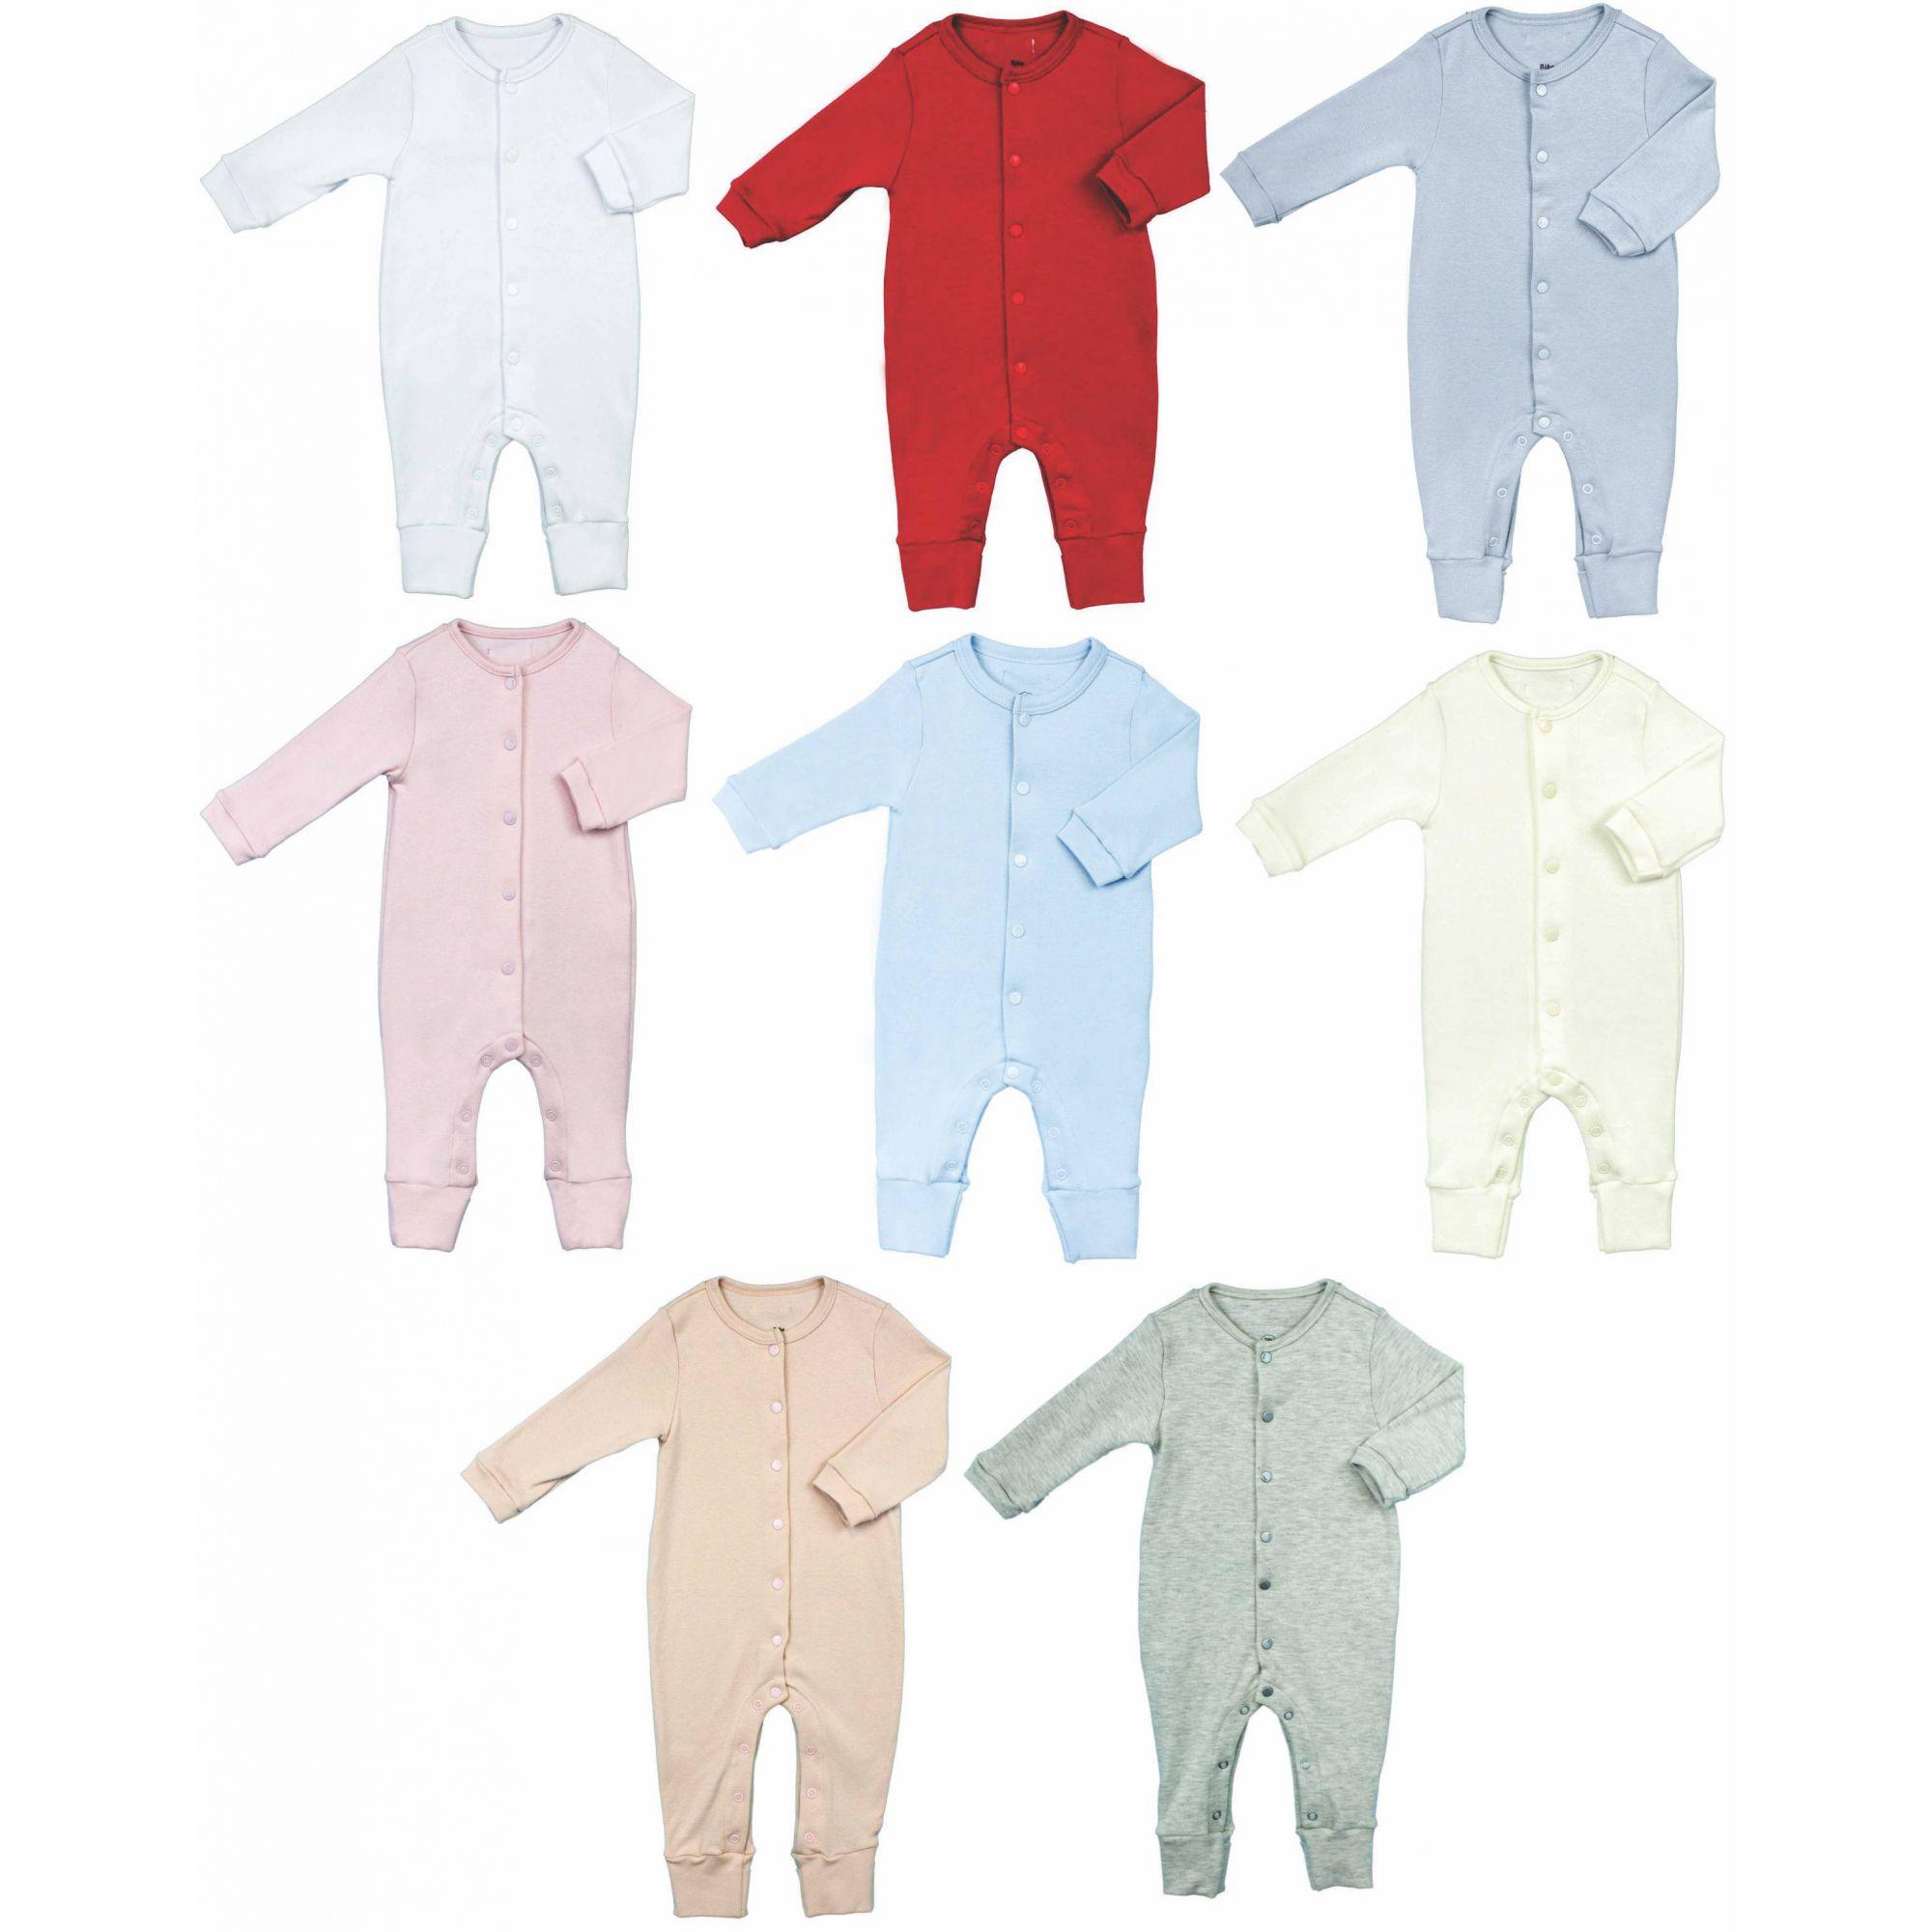 Macacão Unissex Bebê Básico Aberto na frente 100% Algodão Egípcio BY BIBE